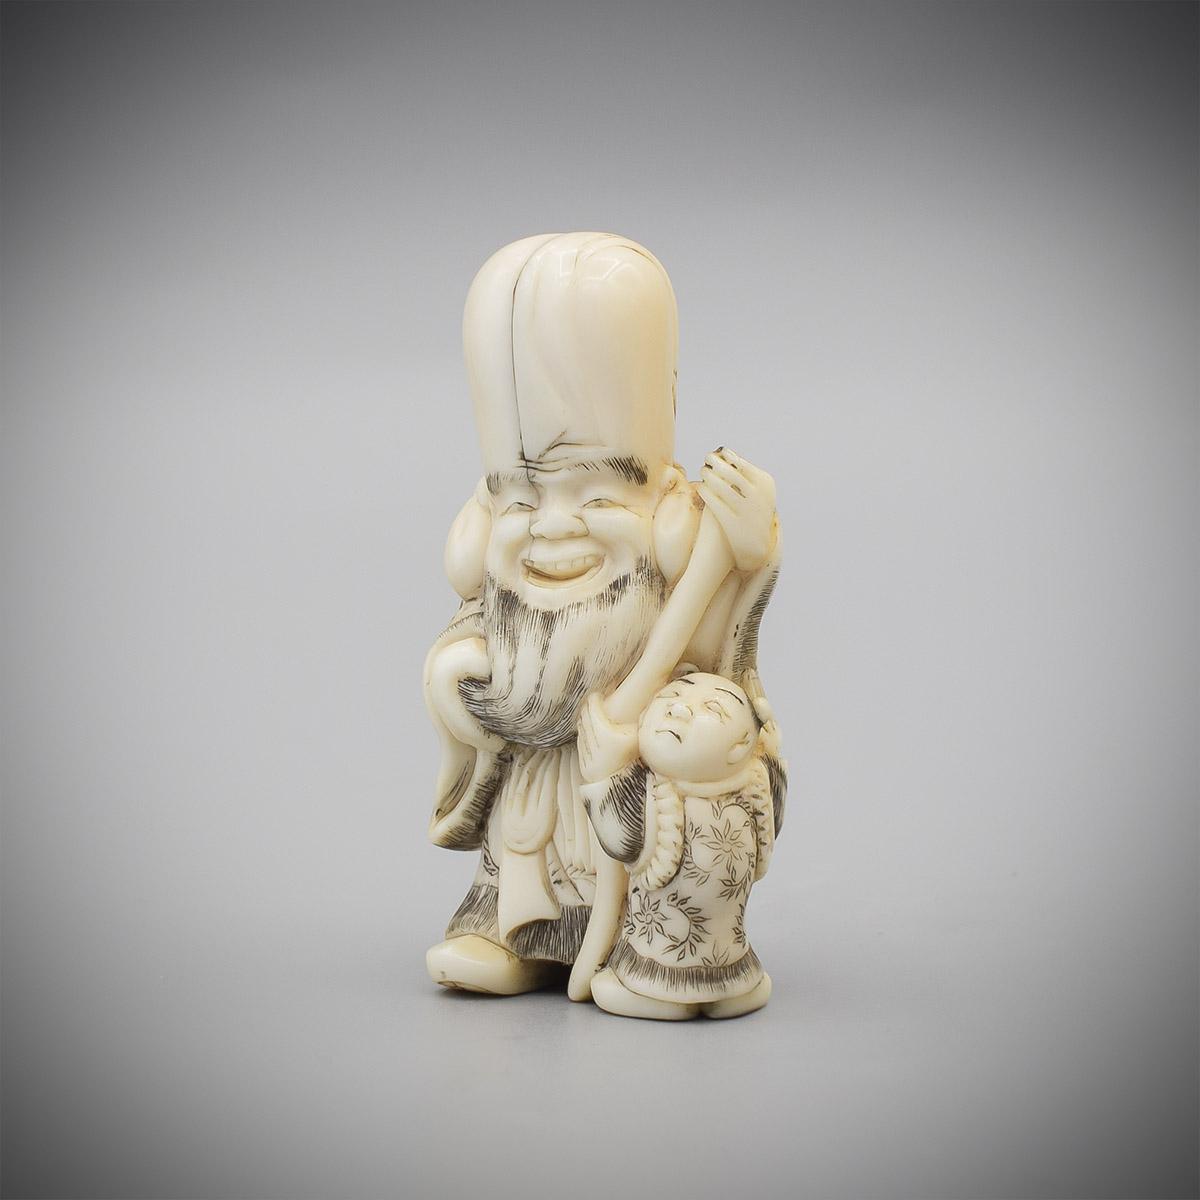 MR3798_v.1, Ivory netsuke of Fukurokuju and child by Masakazu